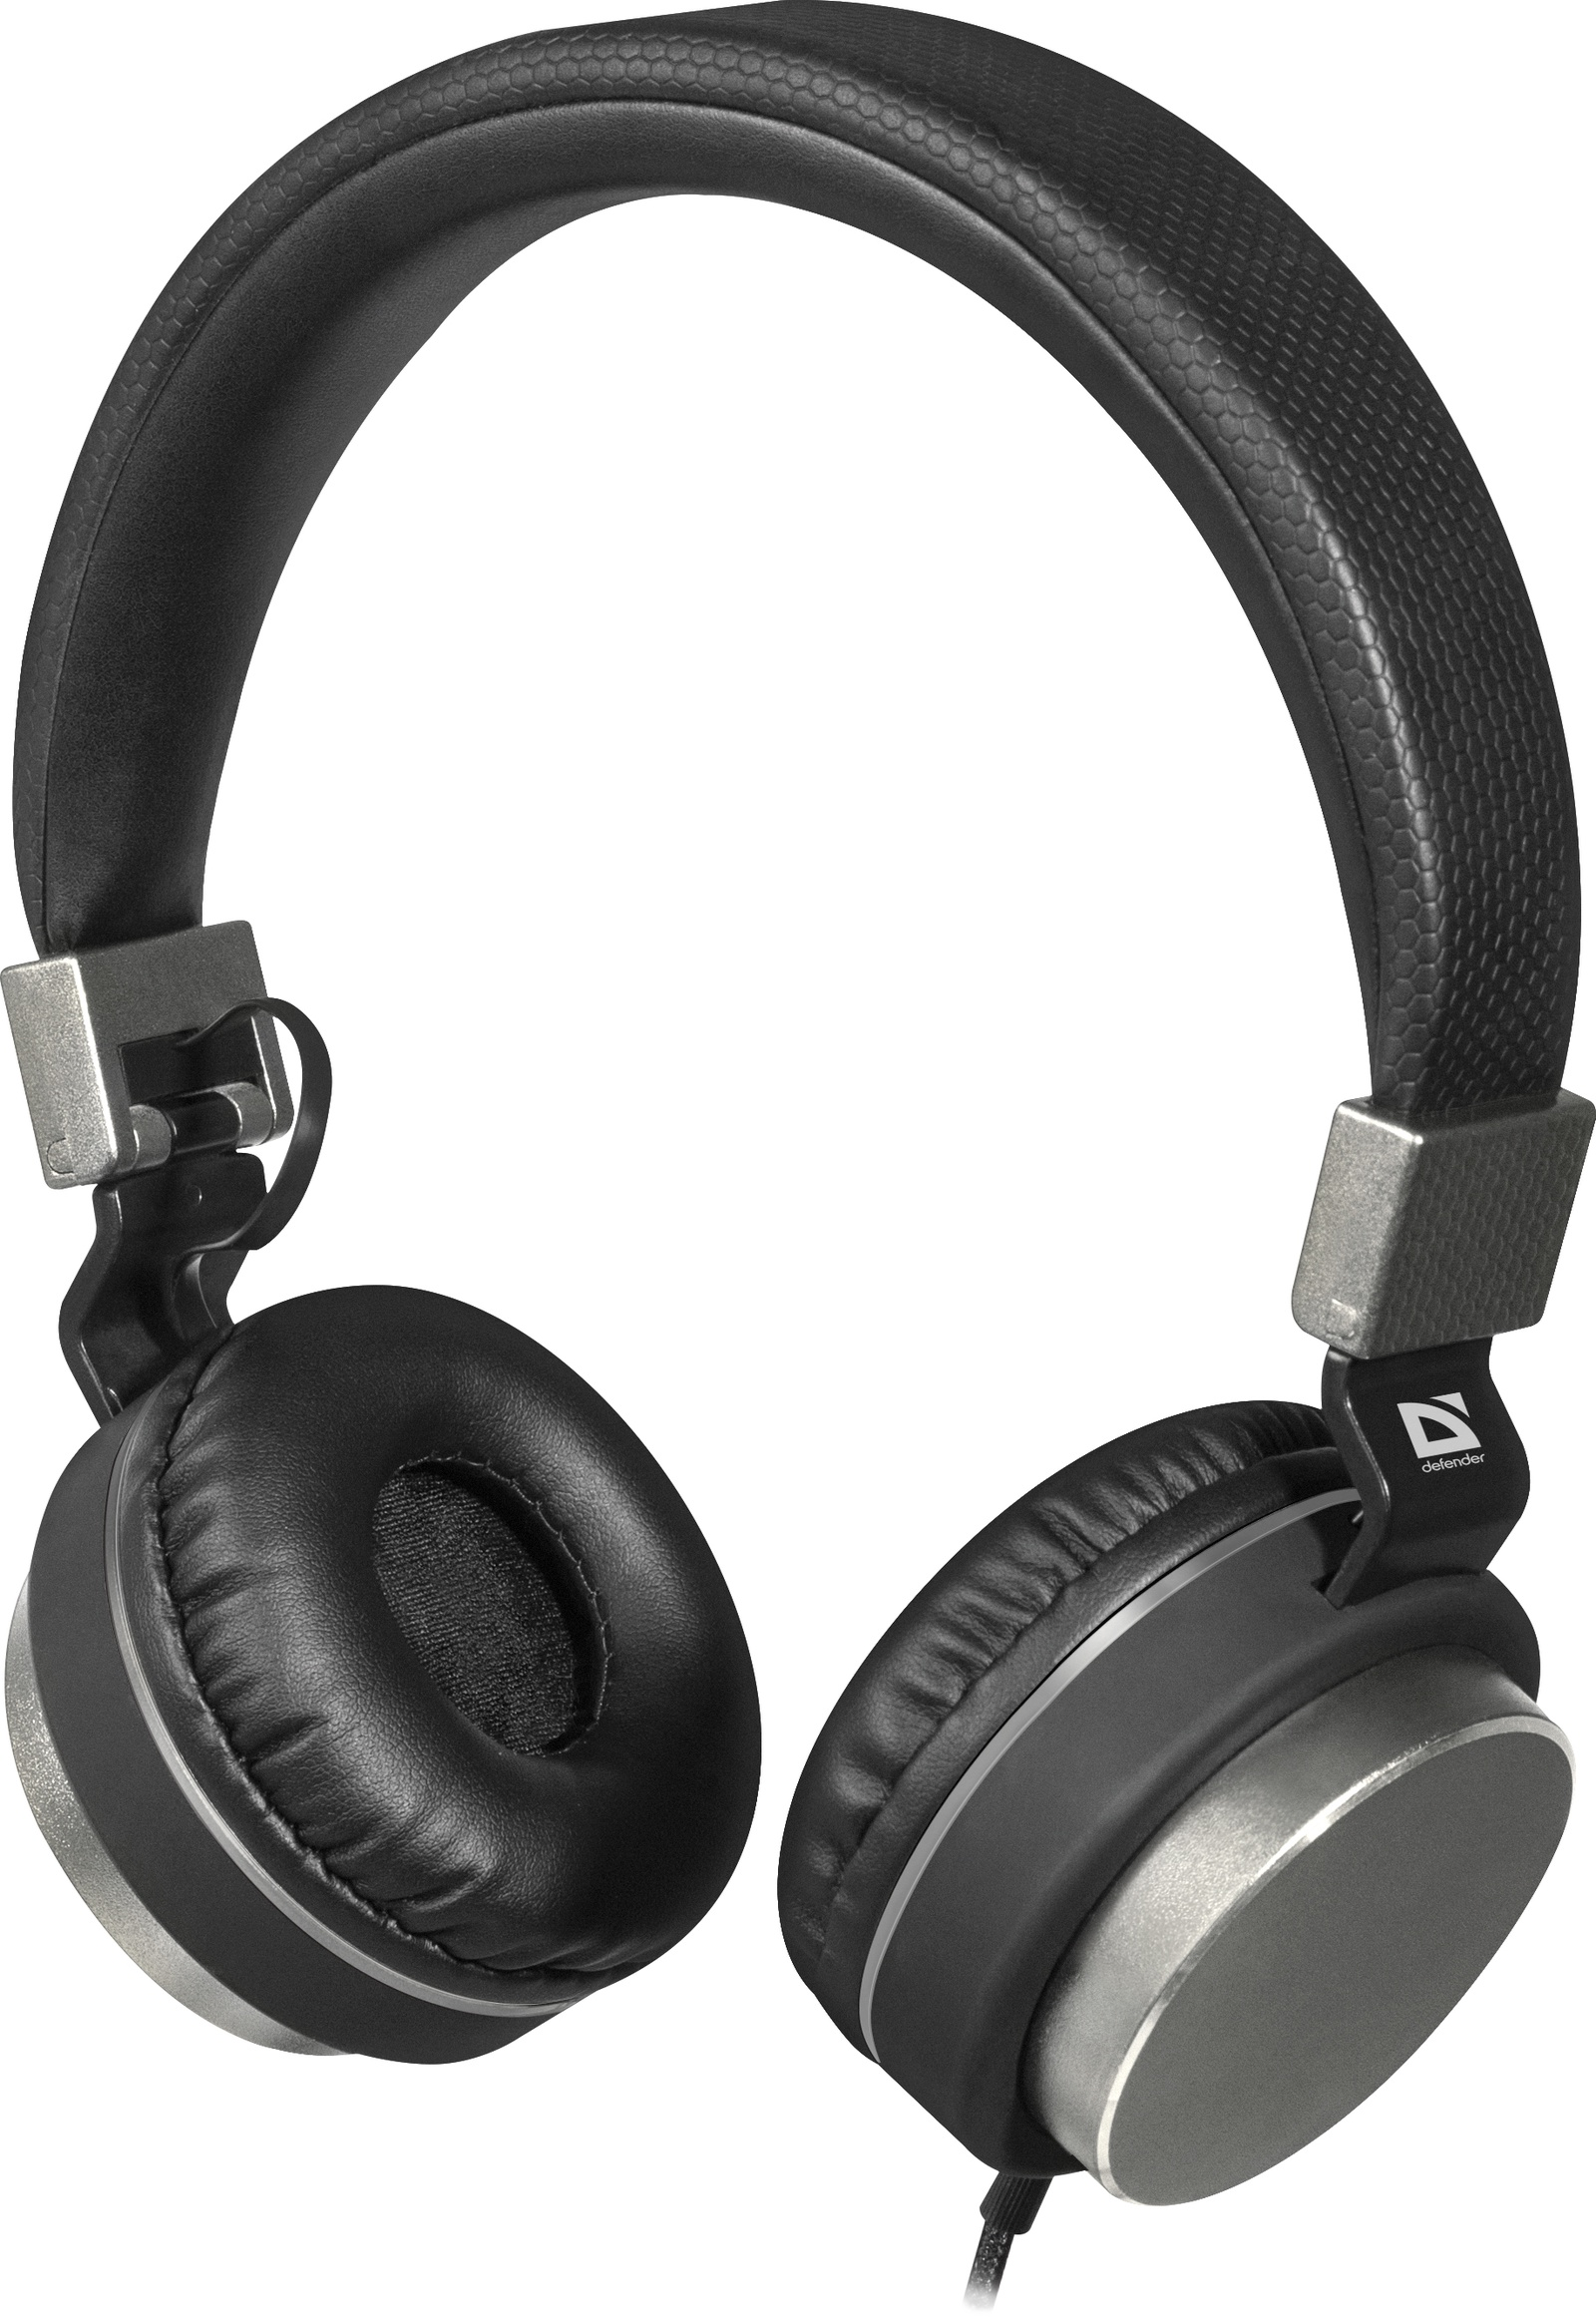 Наушники Defender Accord 165, черно-серый аккумуляторы для ноутбуков и планшетов